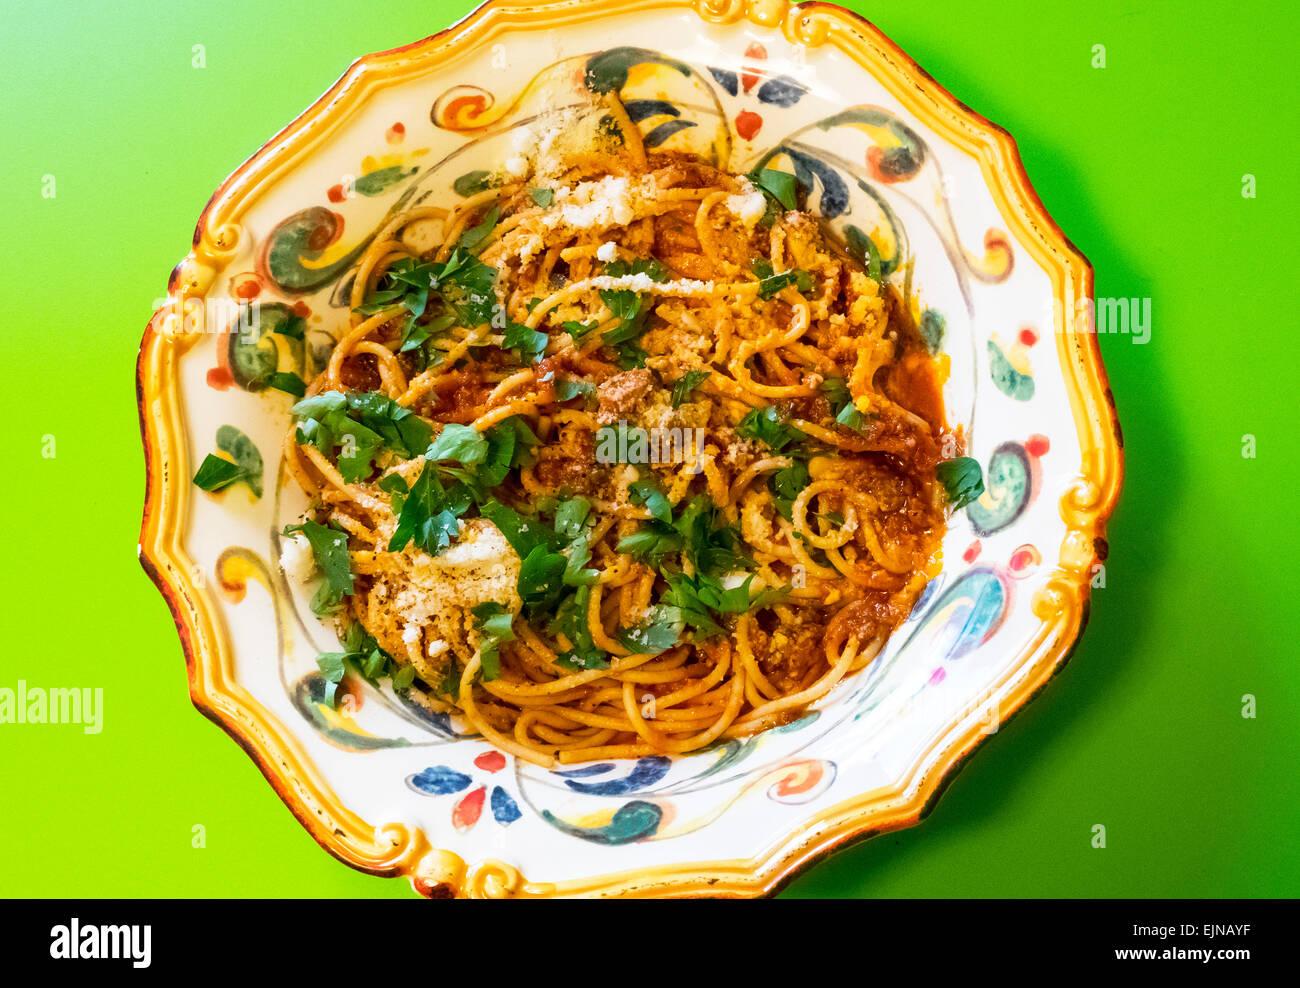 Spaghetti mit Sardinen in reich verzierten italienischen Schüssel, einem sizilianischen Rezept Stockbild